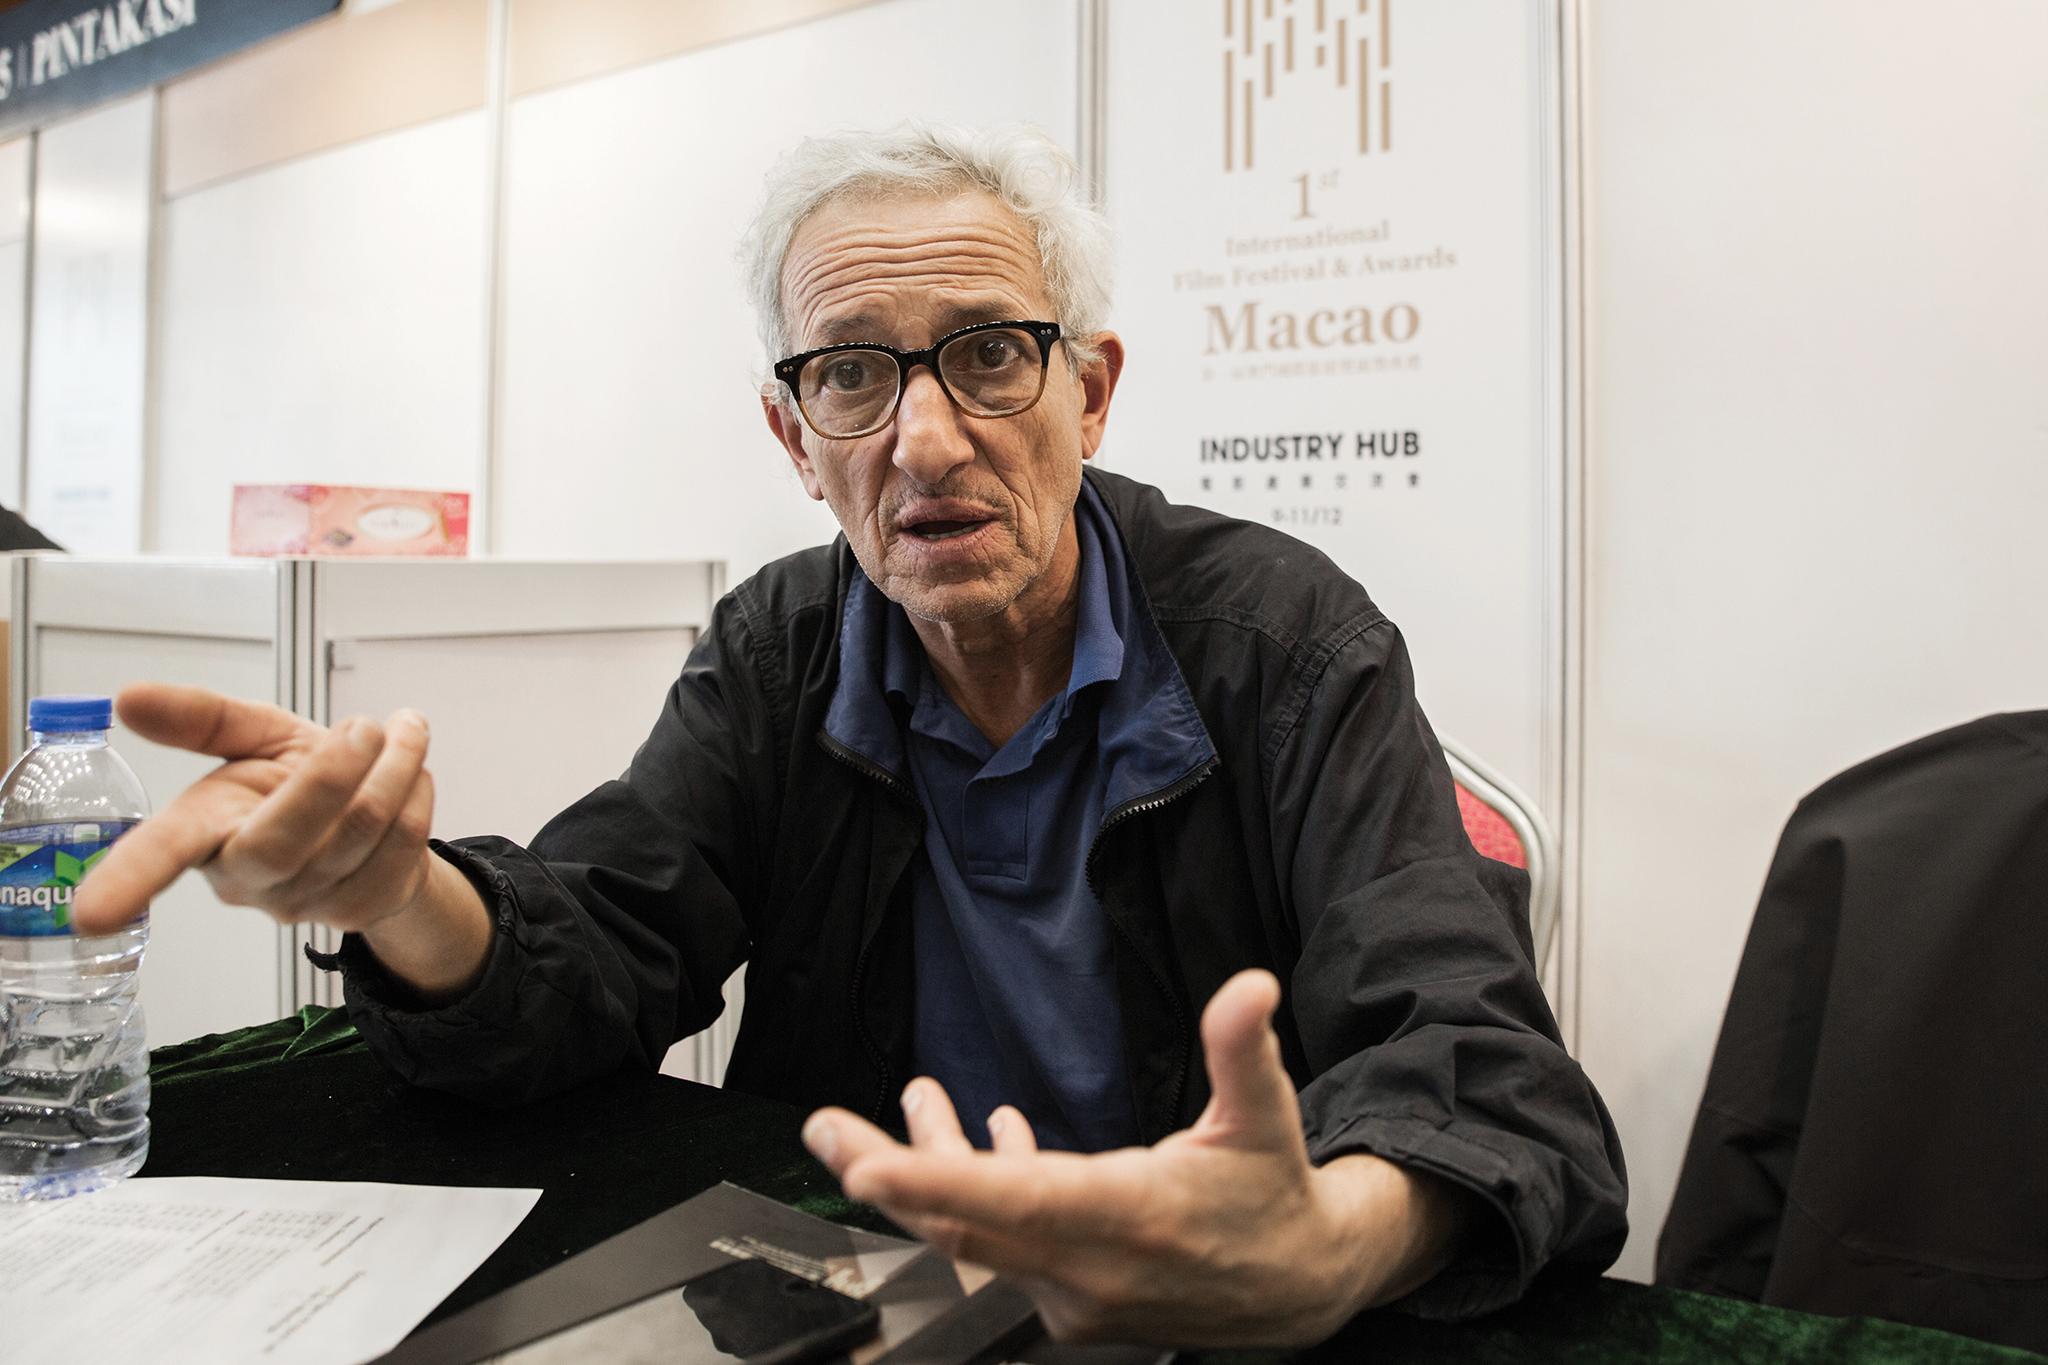 """João Botelho, realizador: """"Quando se constroem muros, é preciso pontes que os destruam"""""""